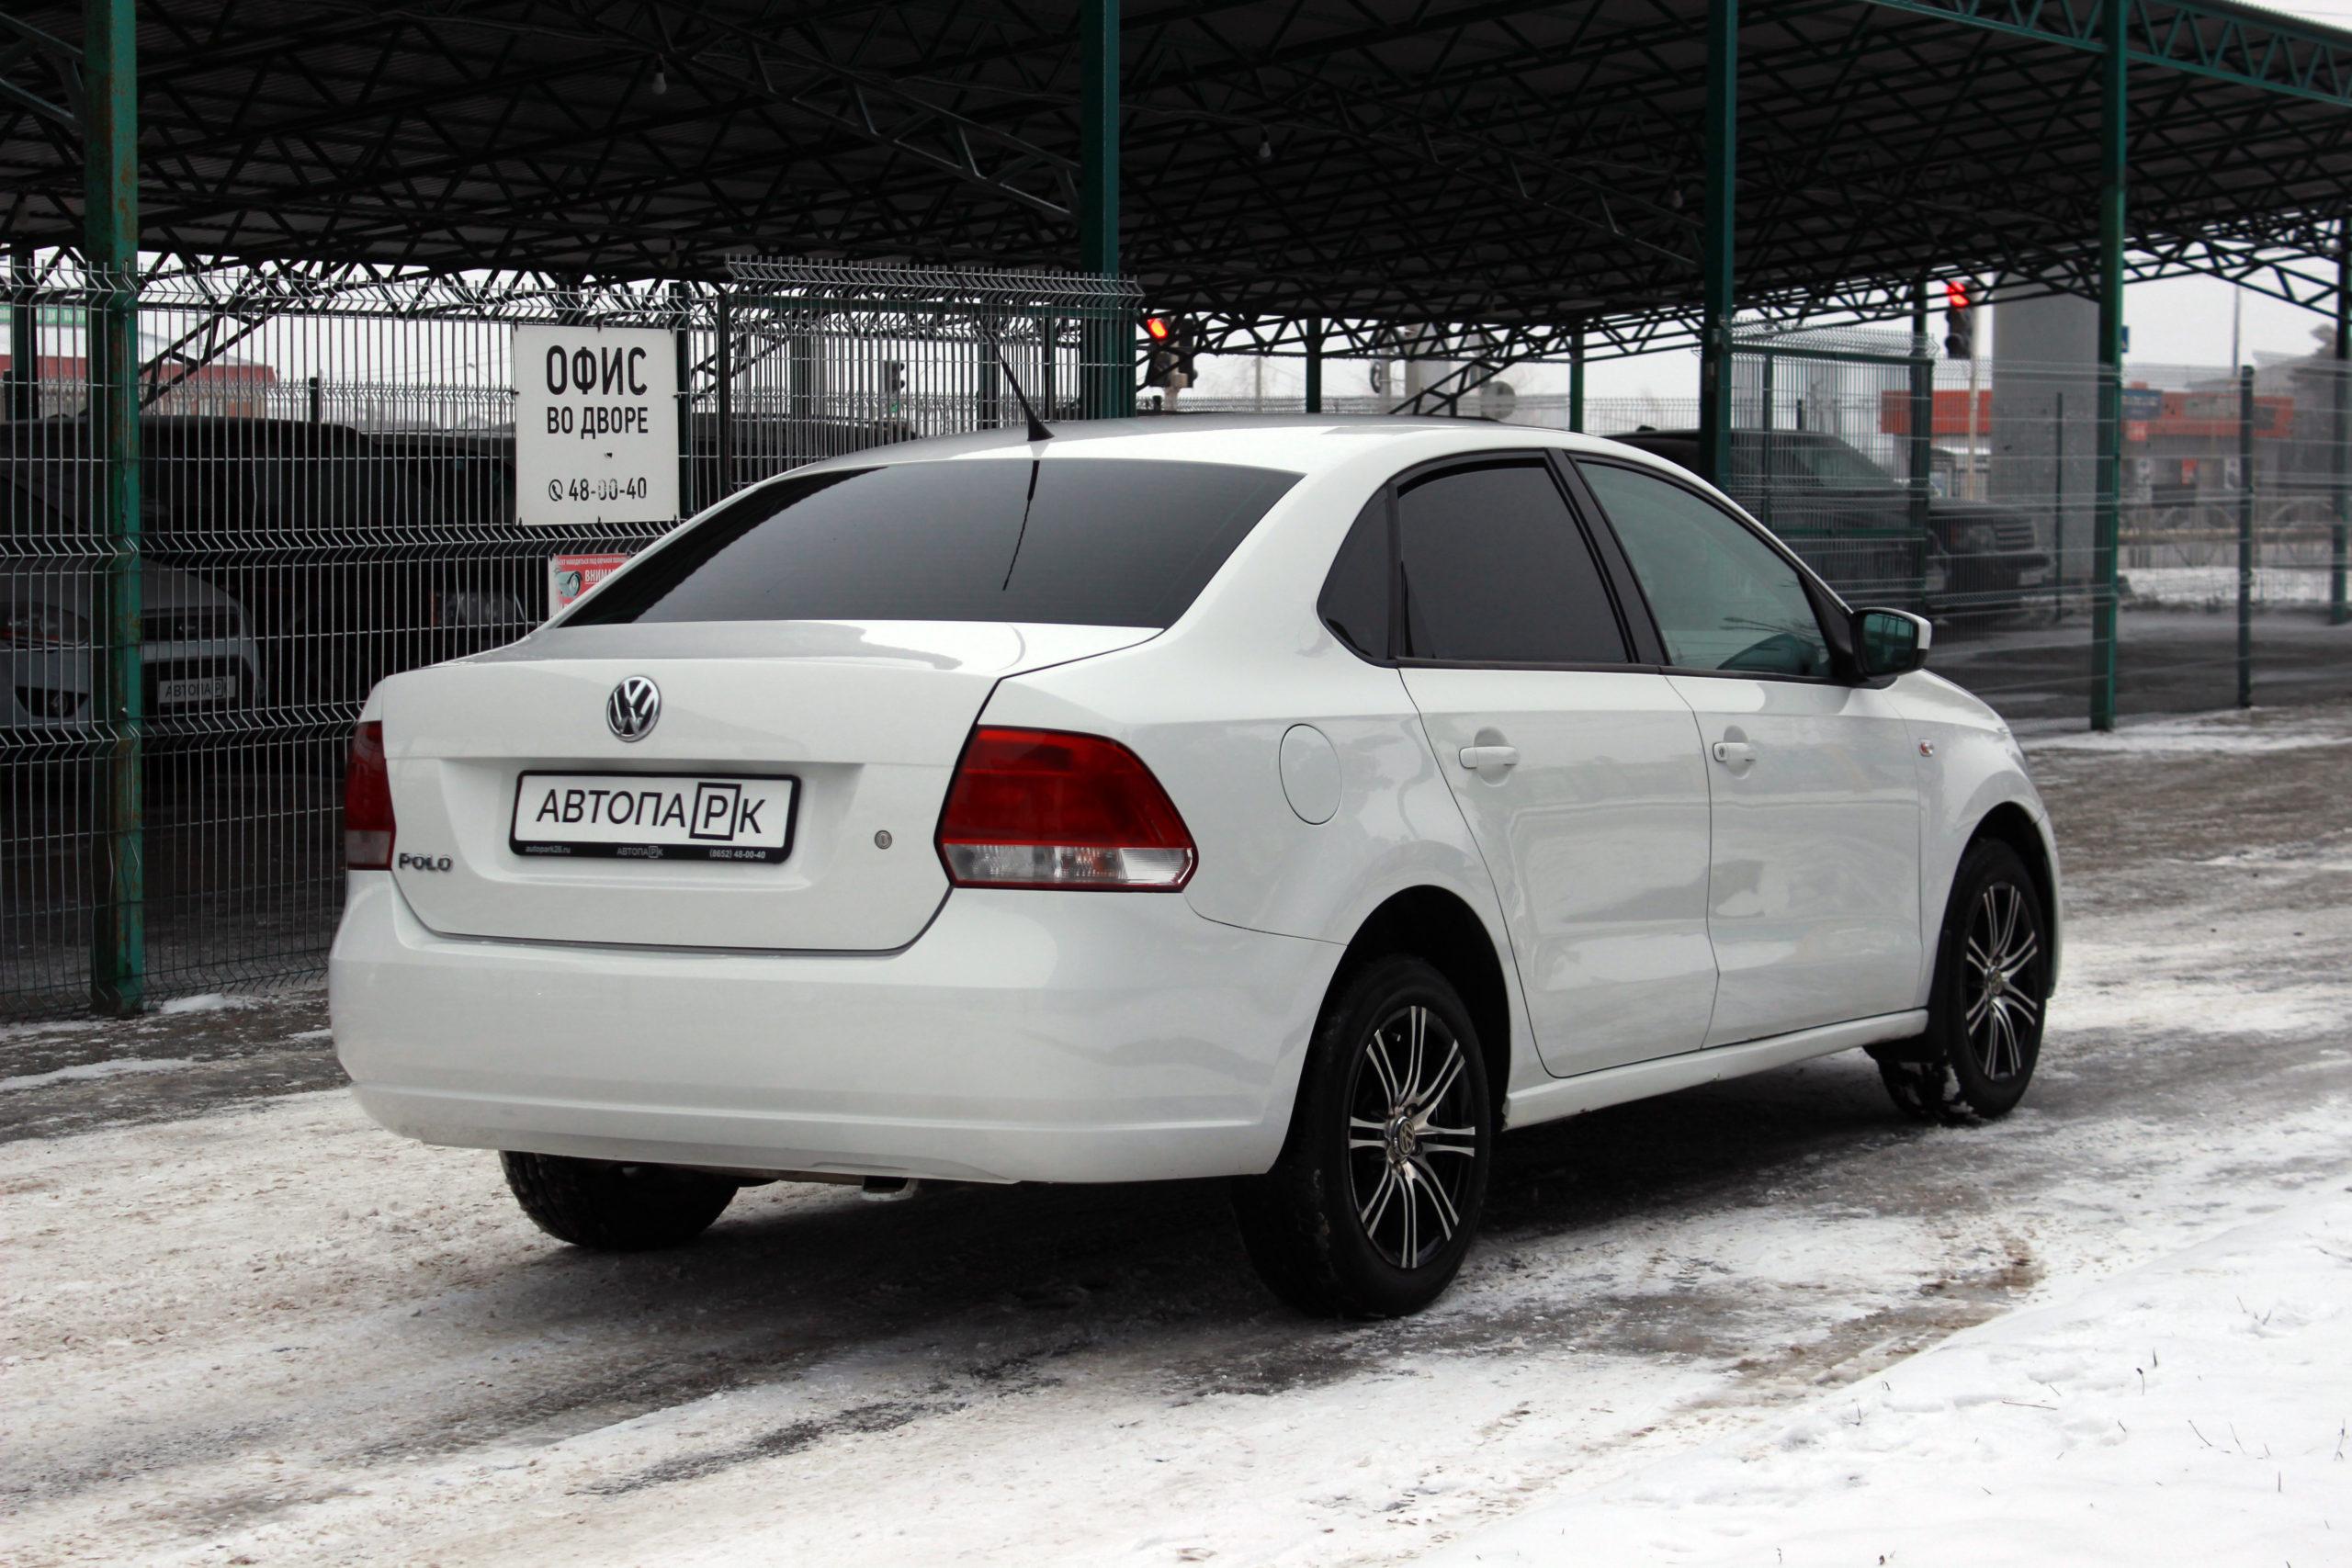 Купить Volkswagen Polo (Белый) - Автопарк Ставрополь